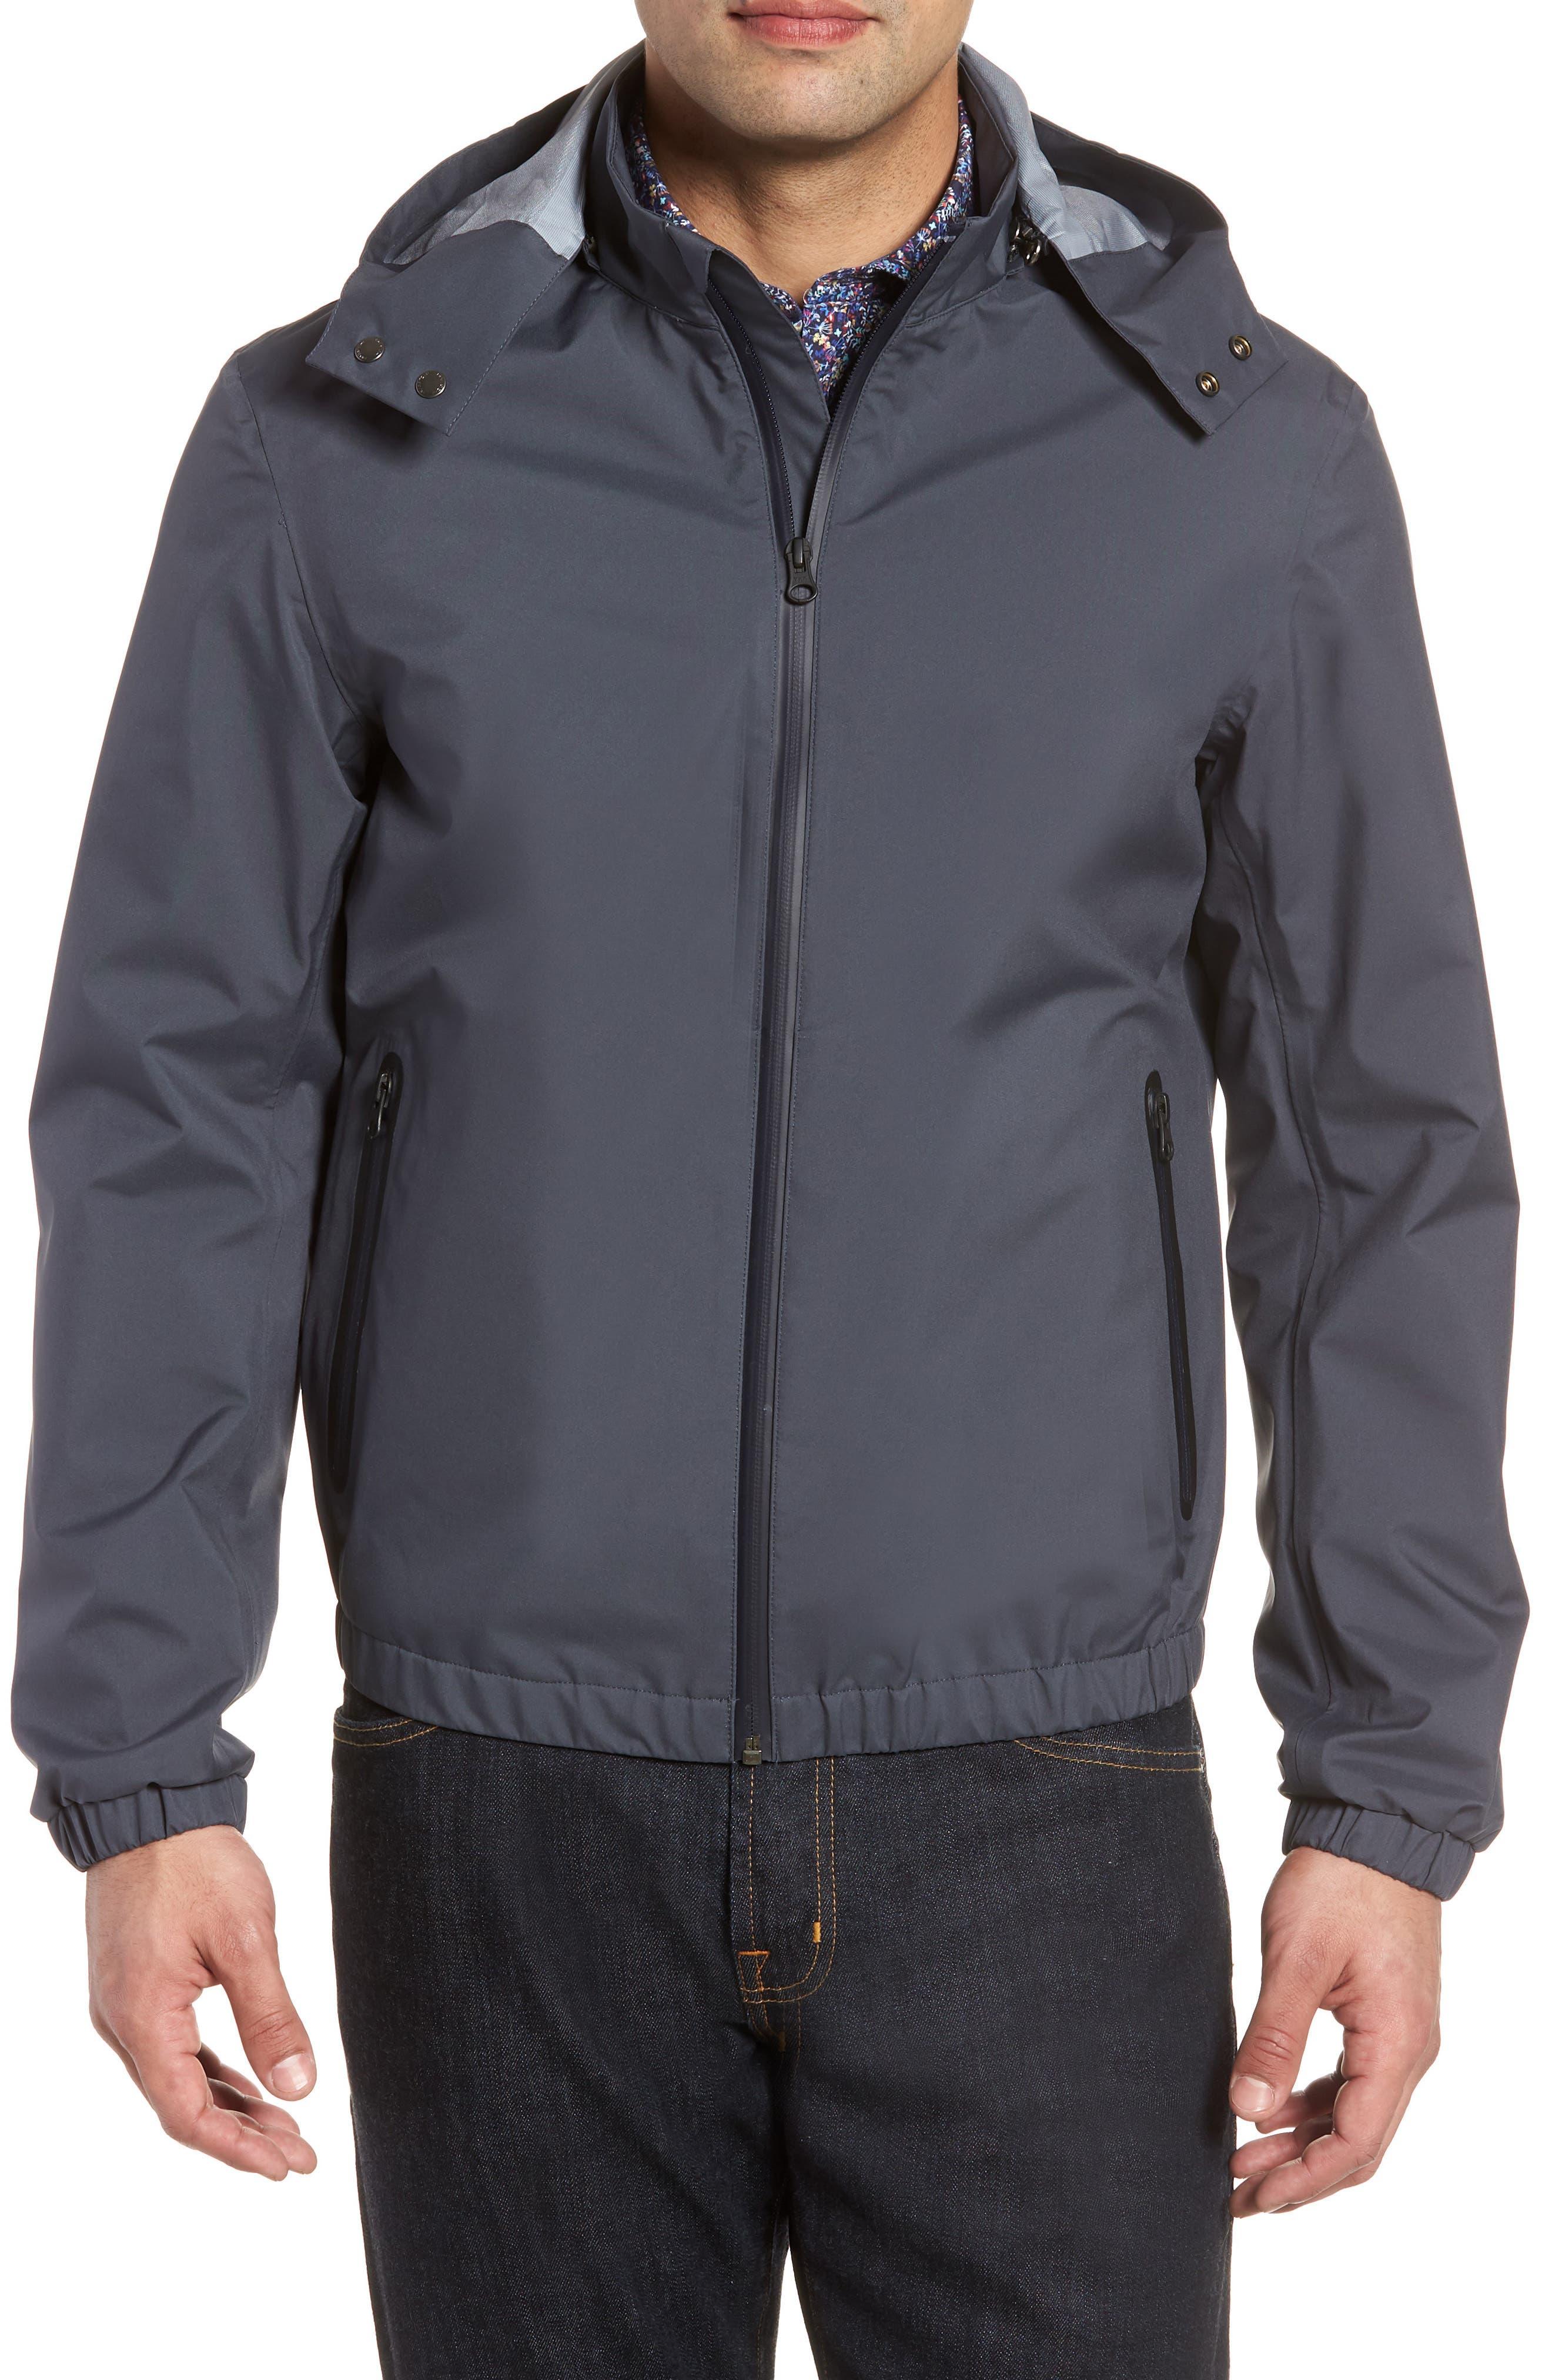 Regular Fit Jacket,                         Main,                         color, 020